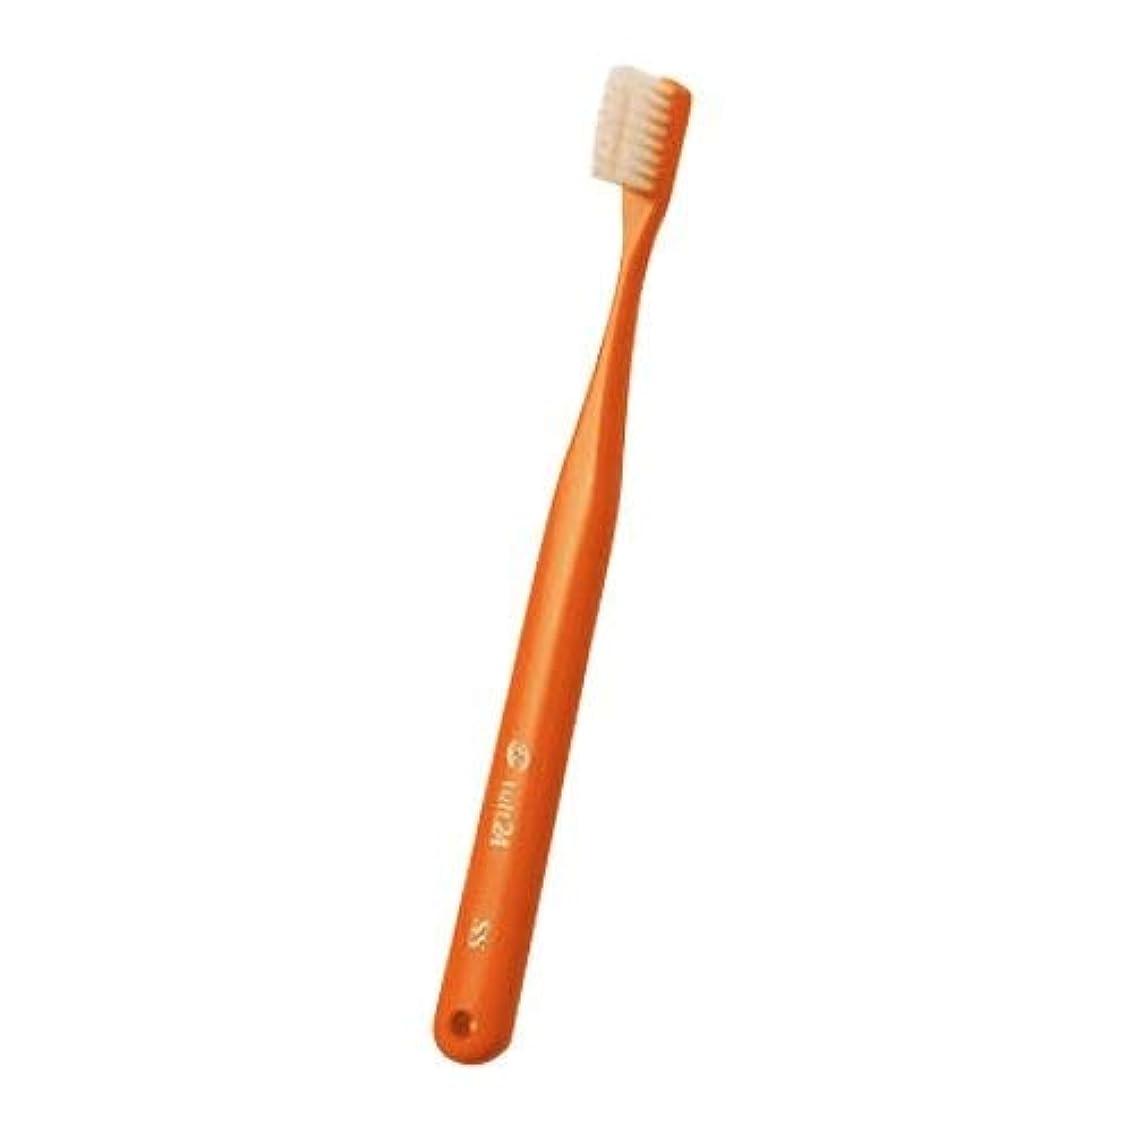 幹やるパワーオーラルケア キャップ付き タフト 24 歯ブラシ スーパーソフト 1本 (オレンジ)